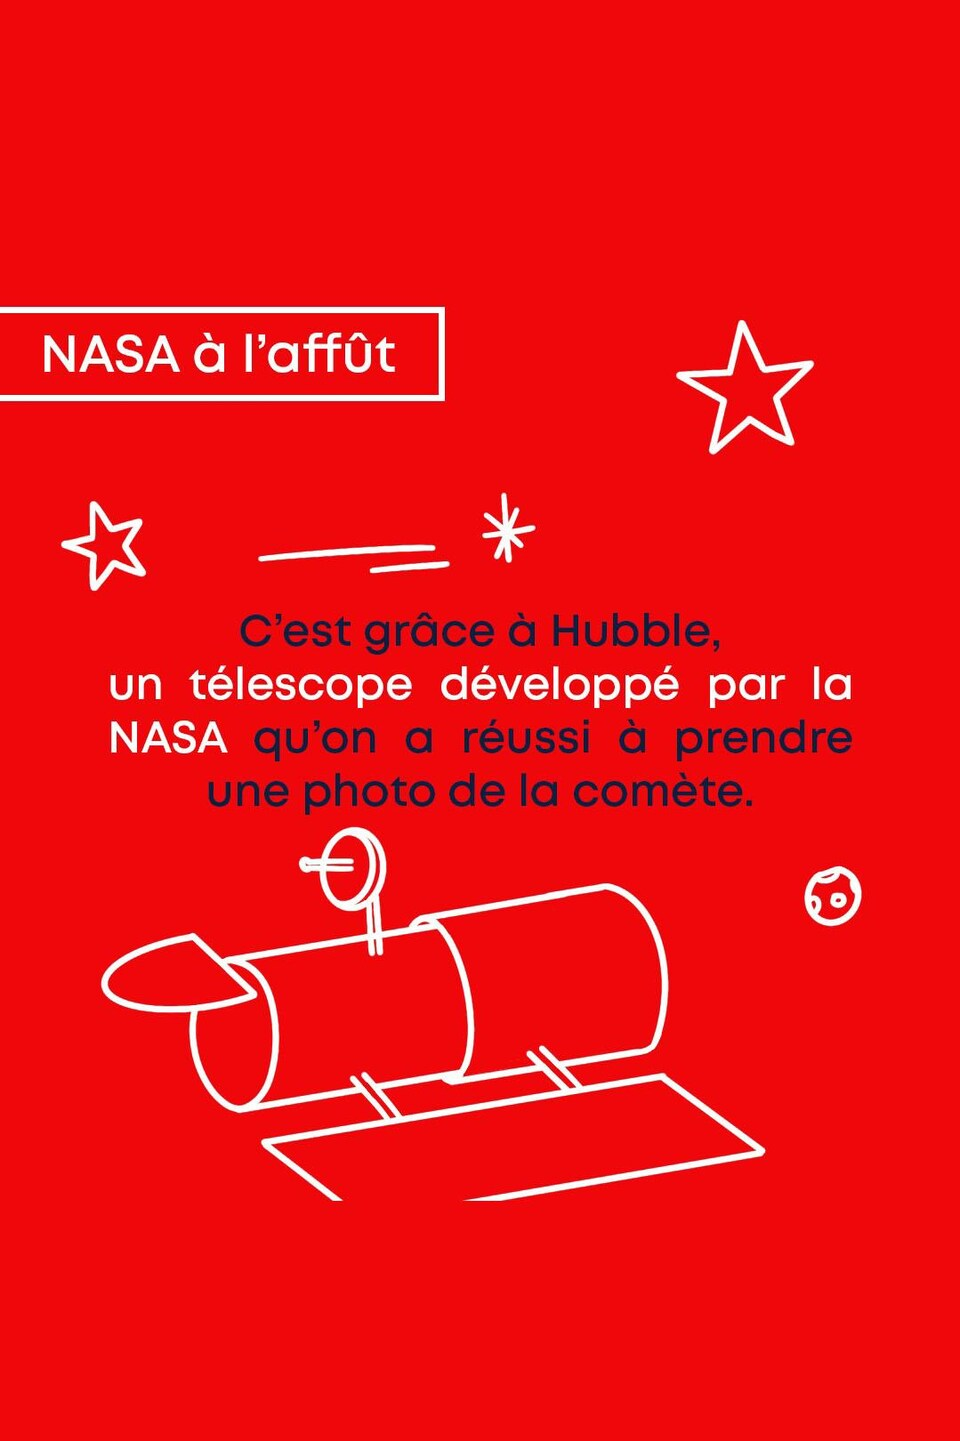 La NASA à l'affût. C'est grâce à Hubble, un télescope développé par la NASA qu'on a réussi à prendre une photo de la comète.